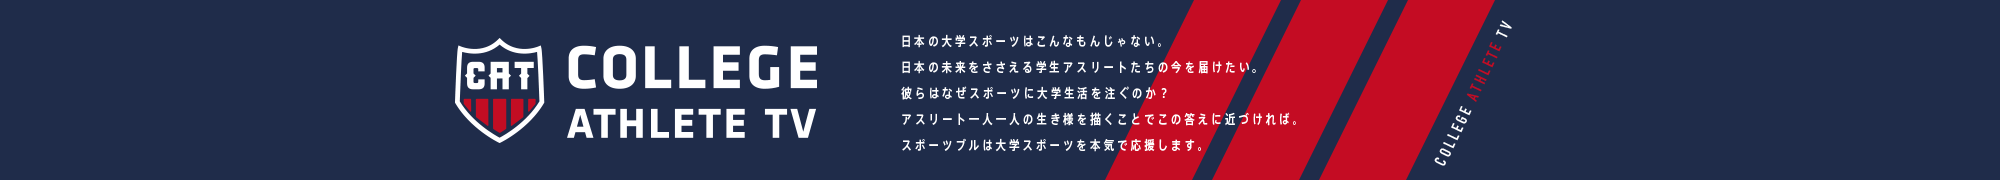 大正に始まり、昭和、 平成と日本の発展と共に歴史を刻んできた六大学野球。「新しい時代をつくろう。」今年の春季リーグのポスターにもあるように、今回はリーグ戦の途中で元号が変わるため、…